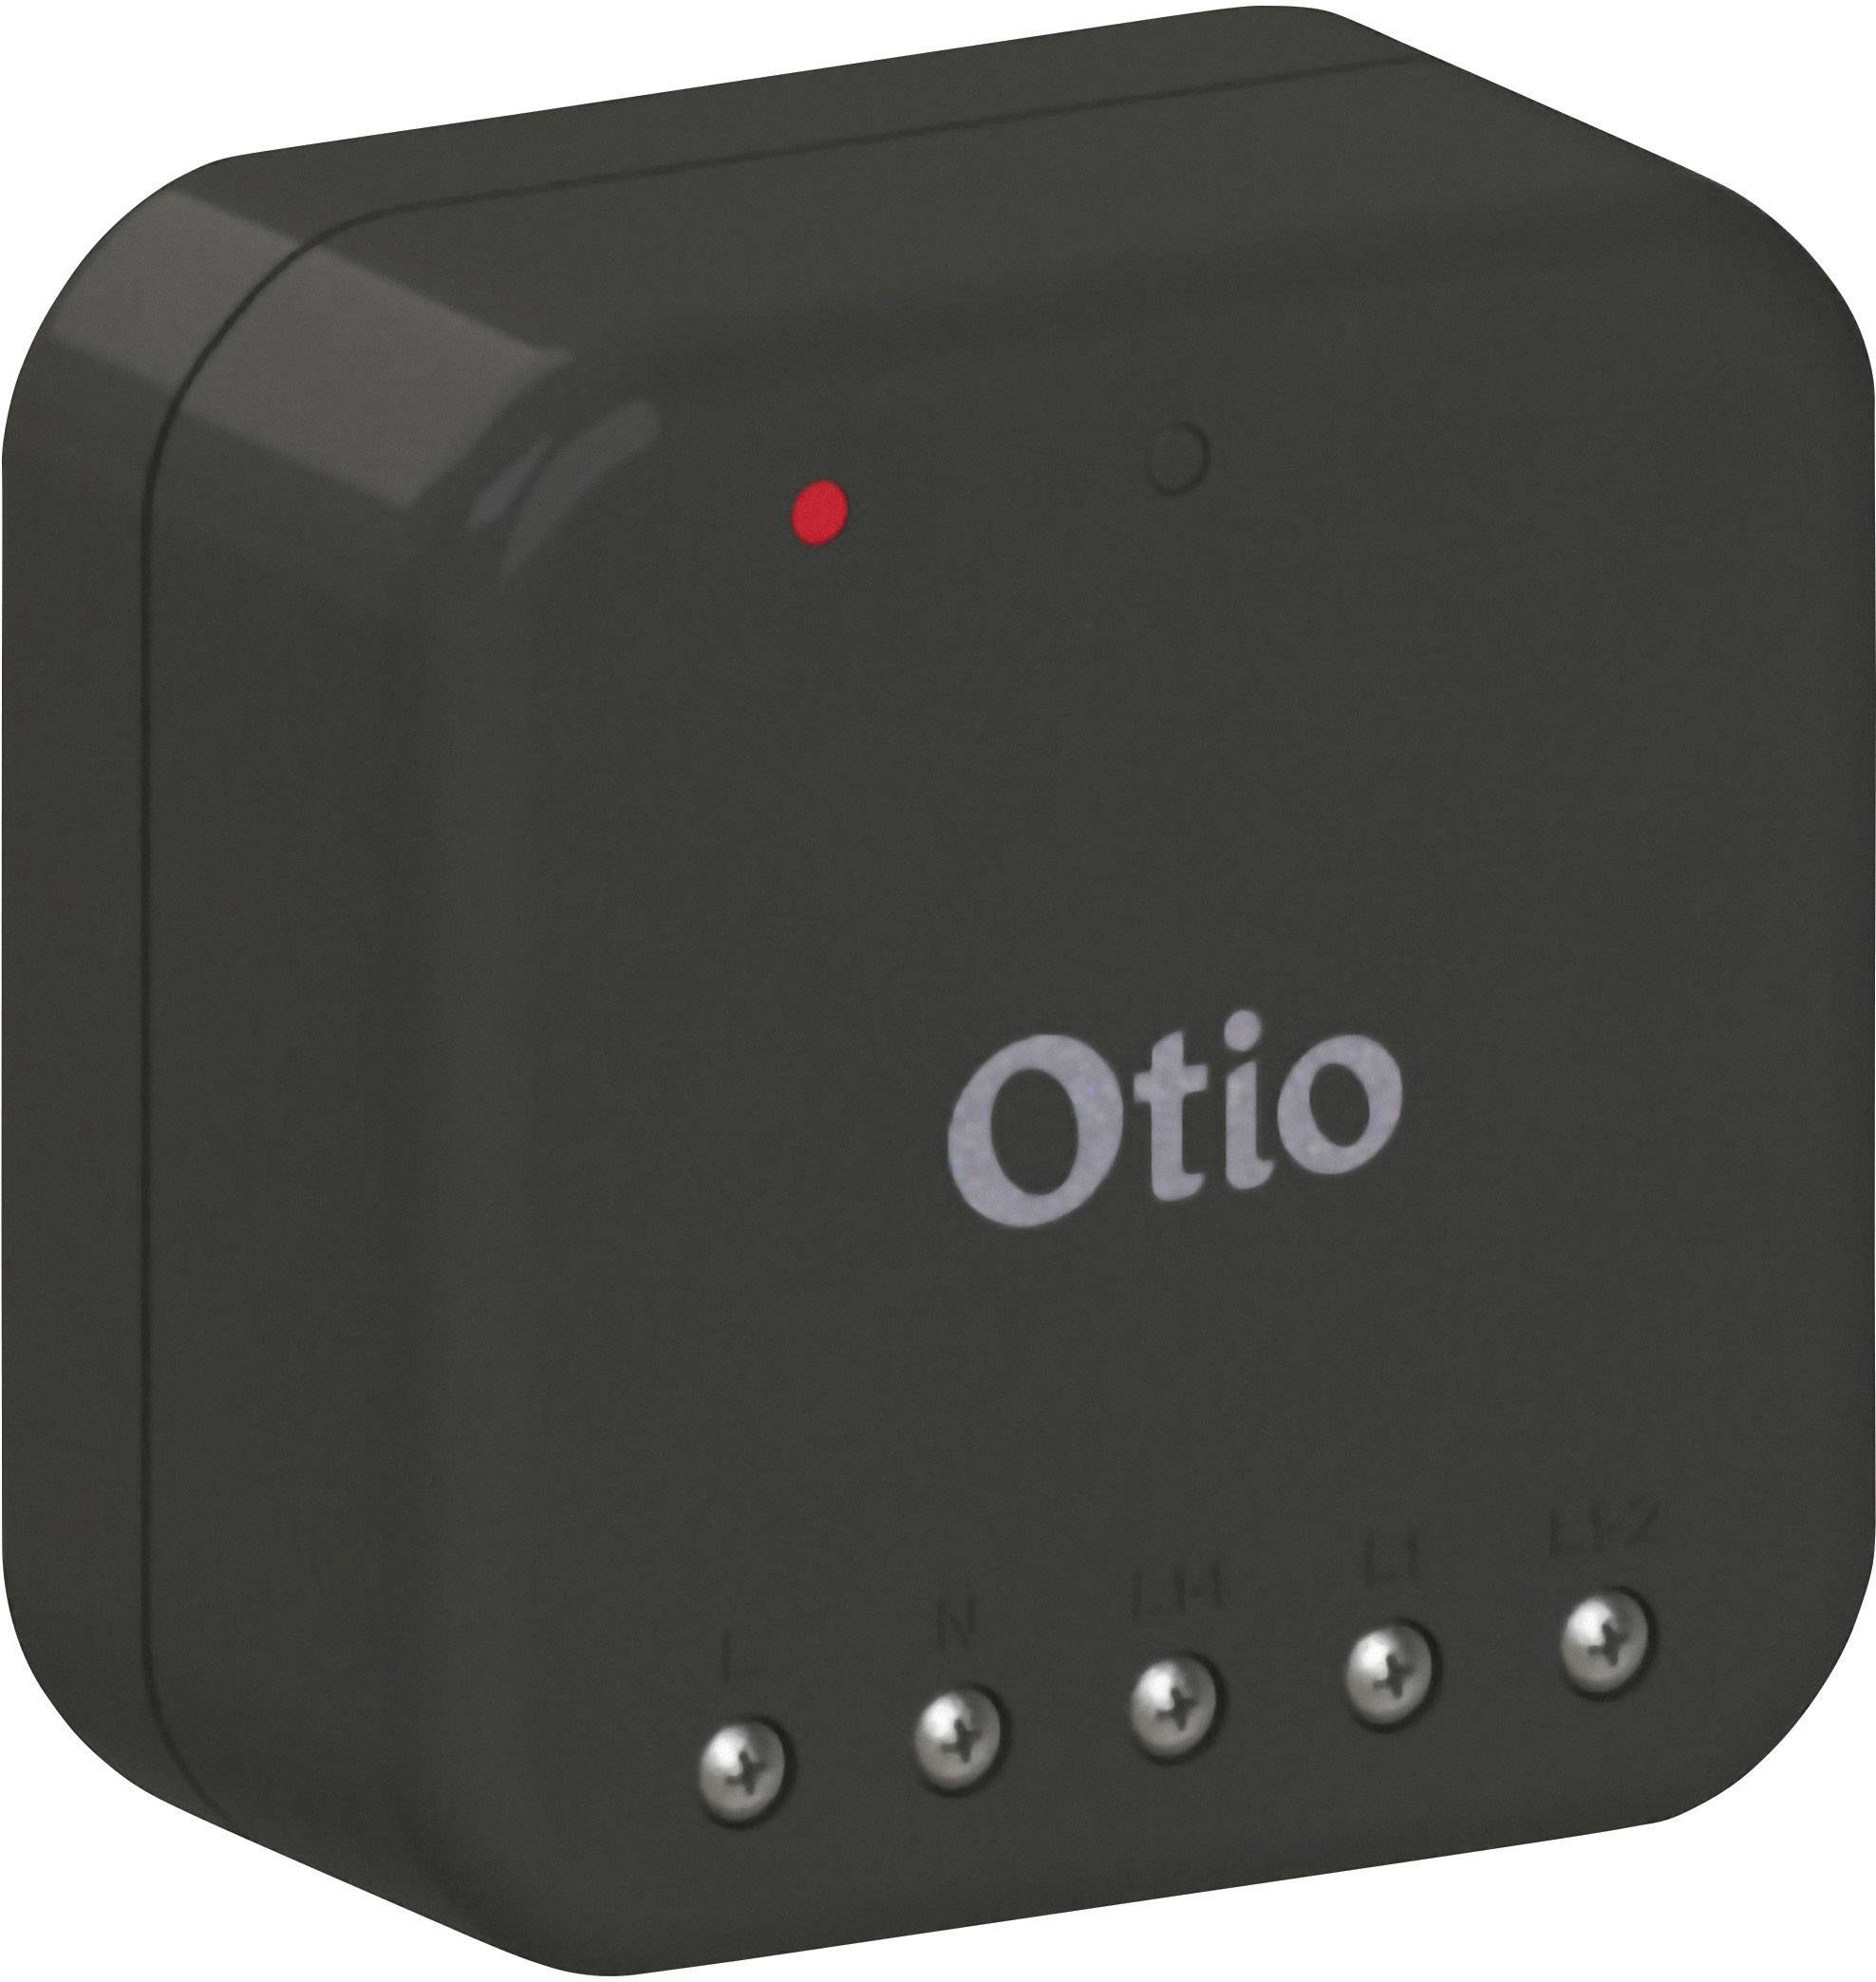 Chauffage Otio R/écepteur Encastrable T/él/écommand/é RET-8003